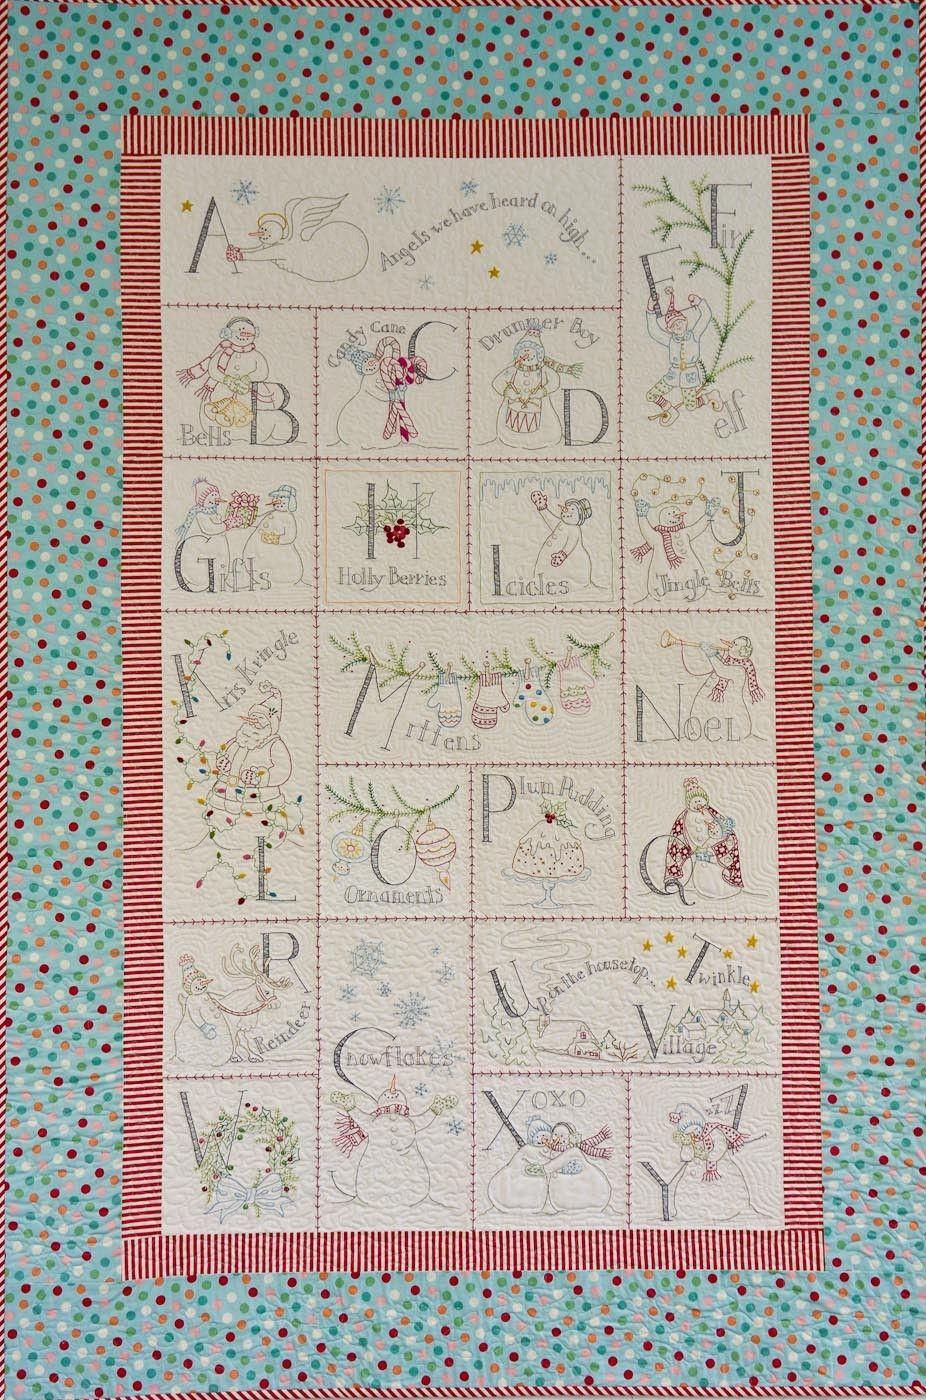 Stitched Snowman Quilt. Snowman PatternsChristmas PatternsSnowman QuiltEmbroidered  QuiltsHand ...